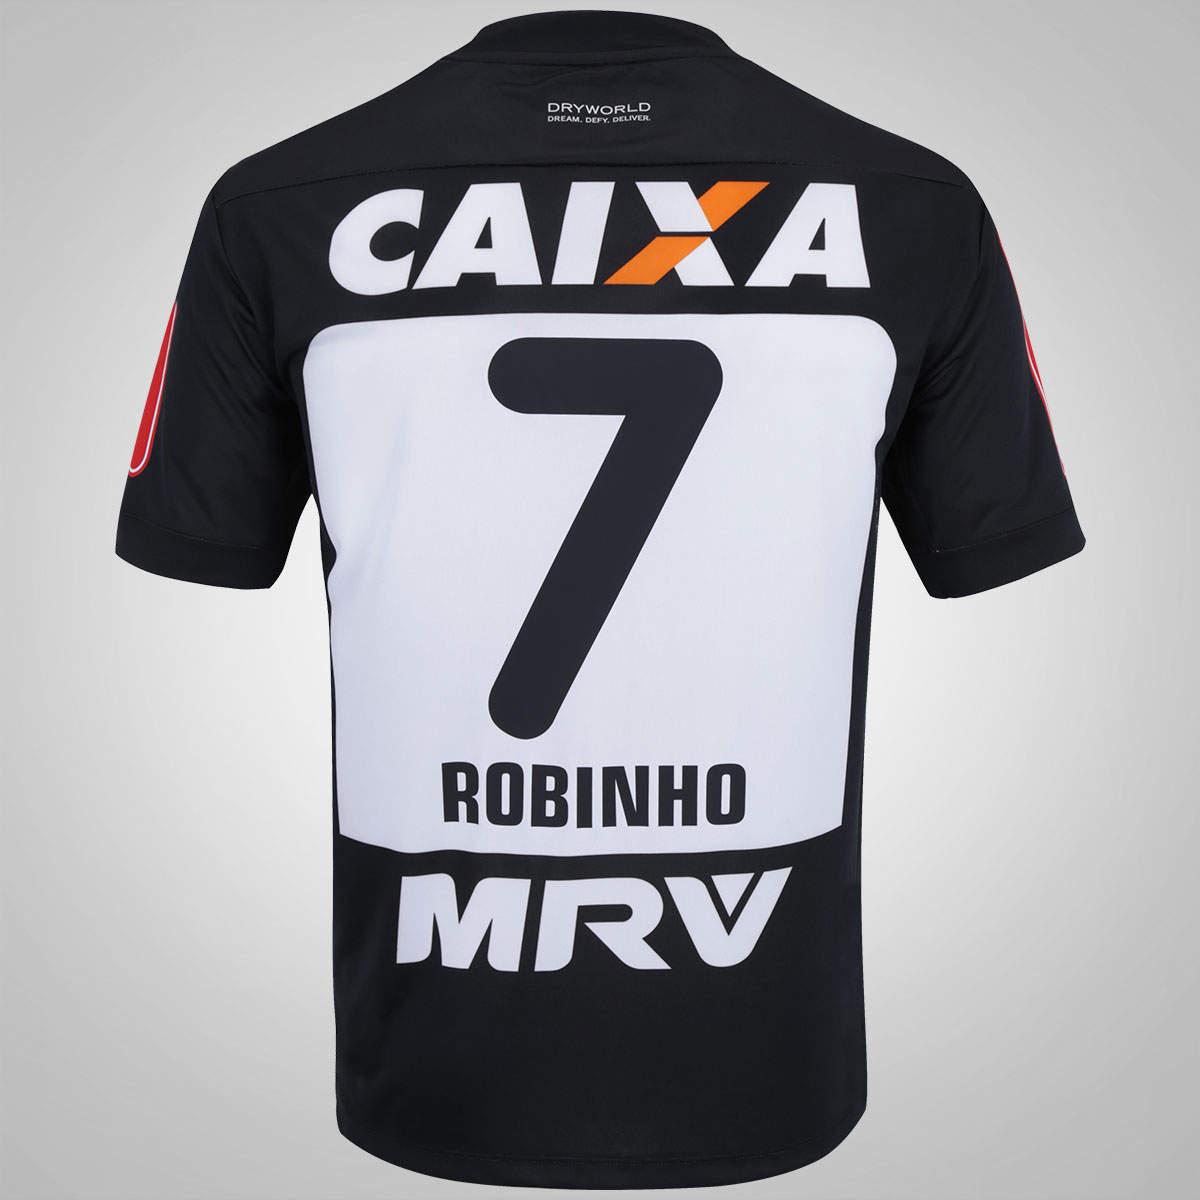 45498f8d7 ... MasculinasCamisa Atlético Mineiro I 2016 nº 7 – Dryworld oficial  Robinho. 🔍. 1  2